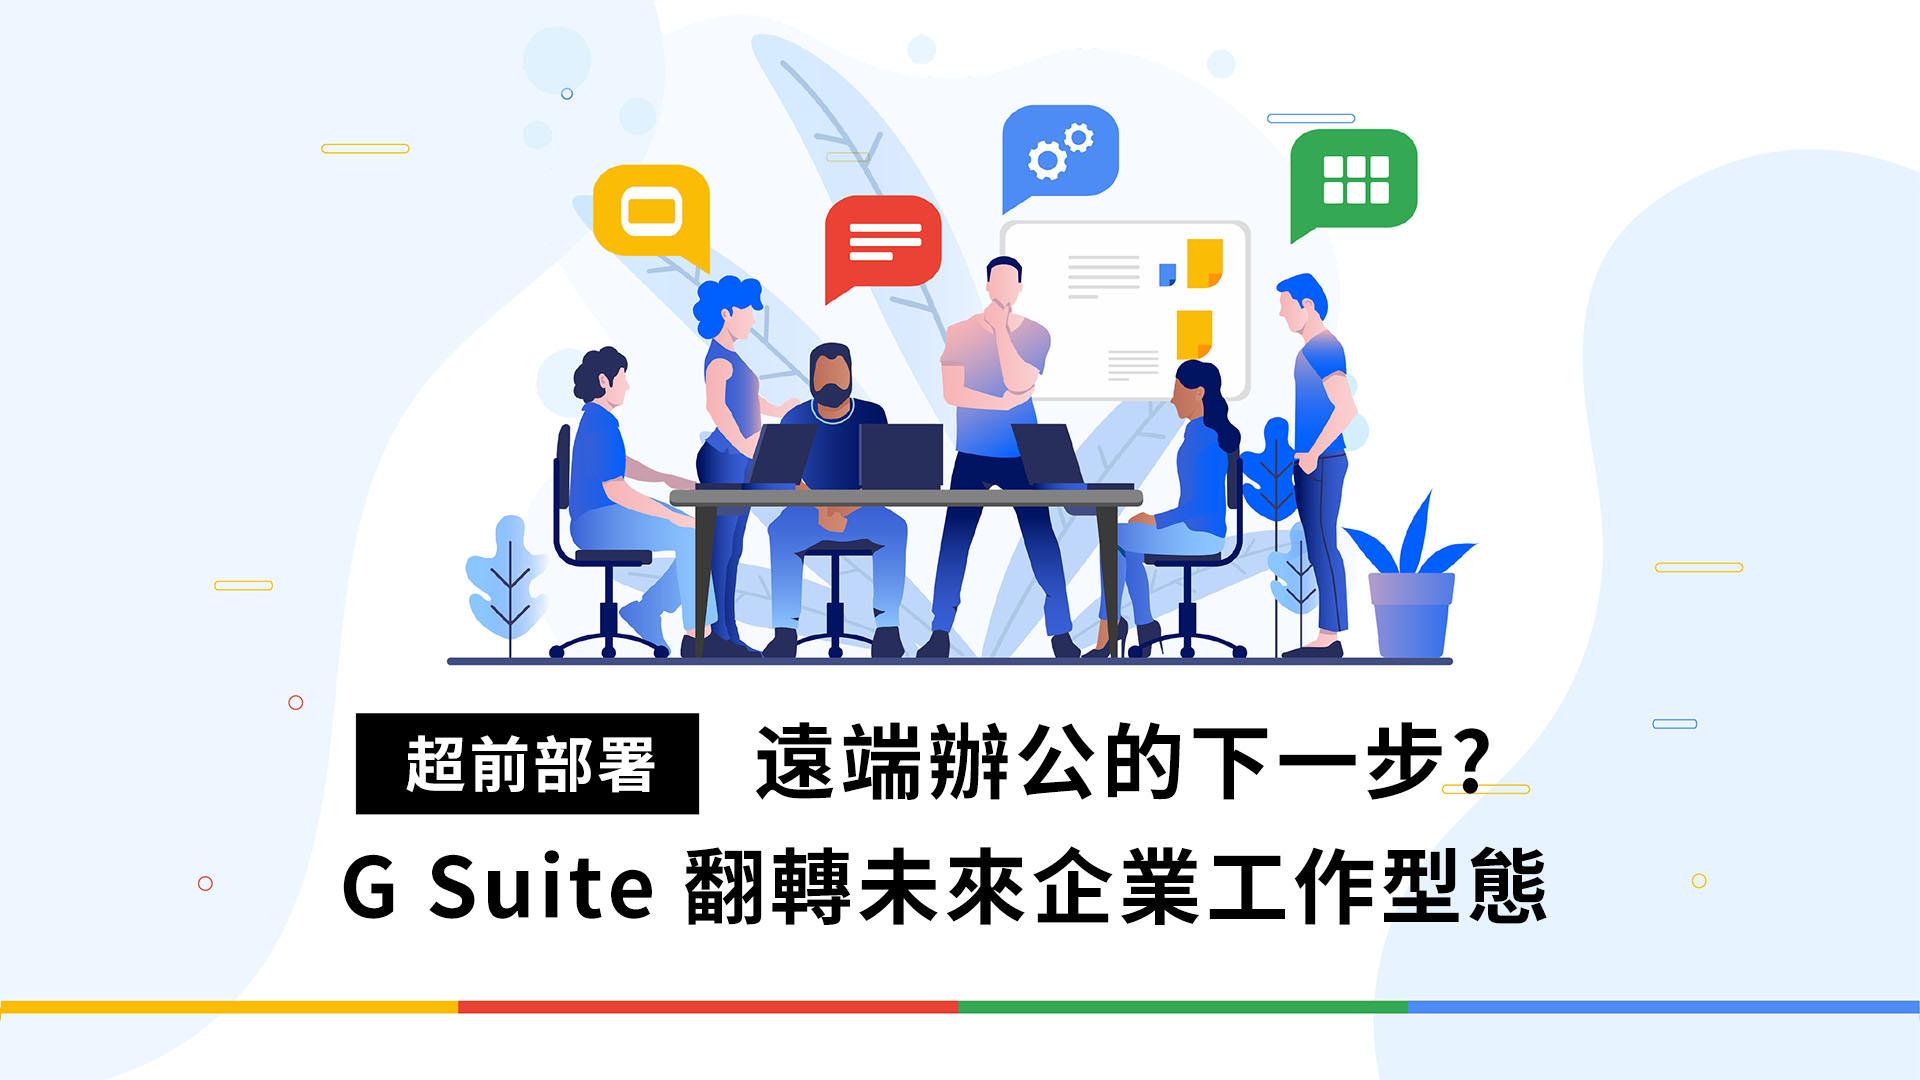 【超前部署】遠端辦公的下一步?G Suite 翻轉未來企業工作型態